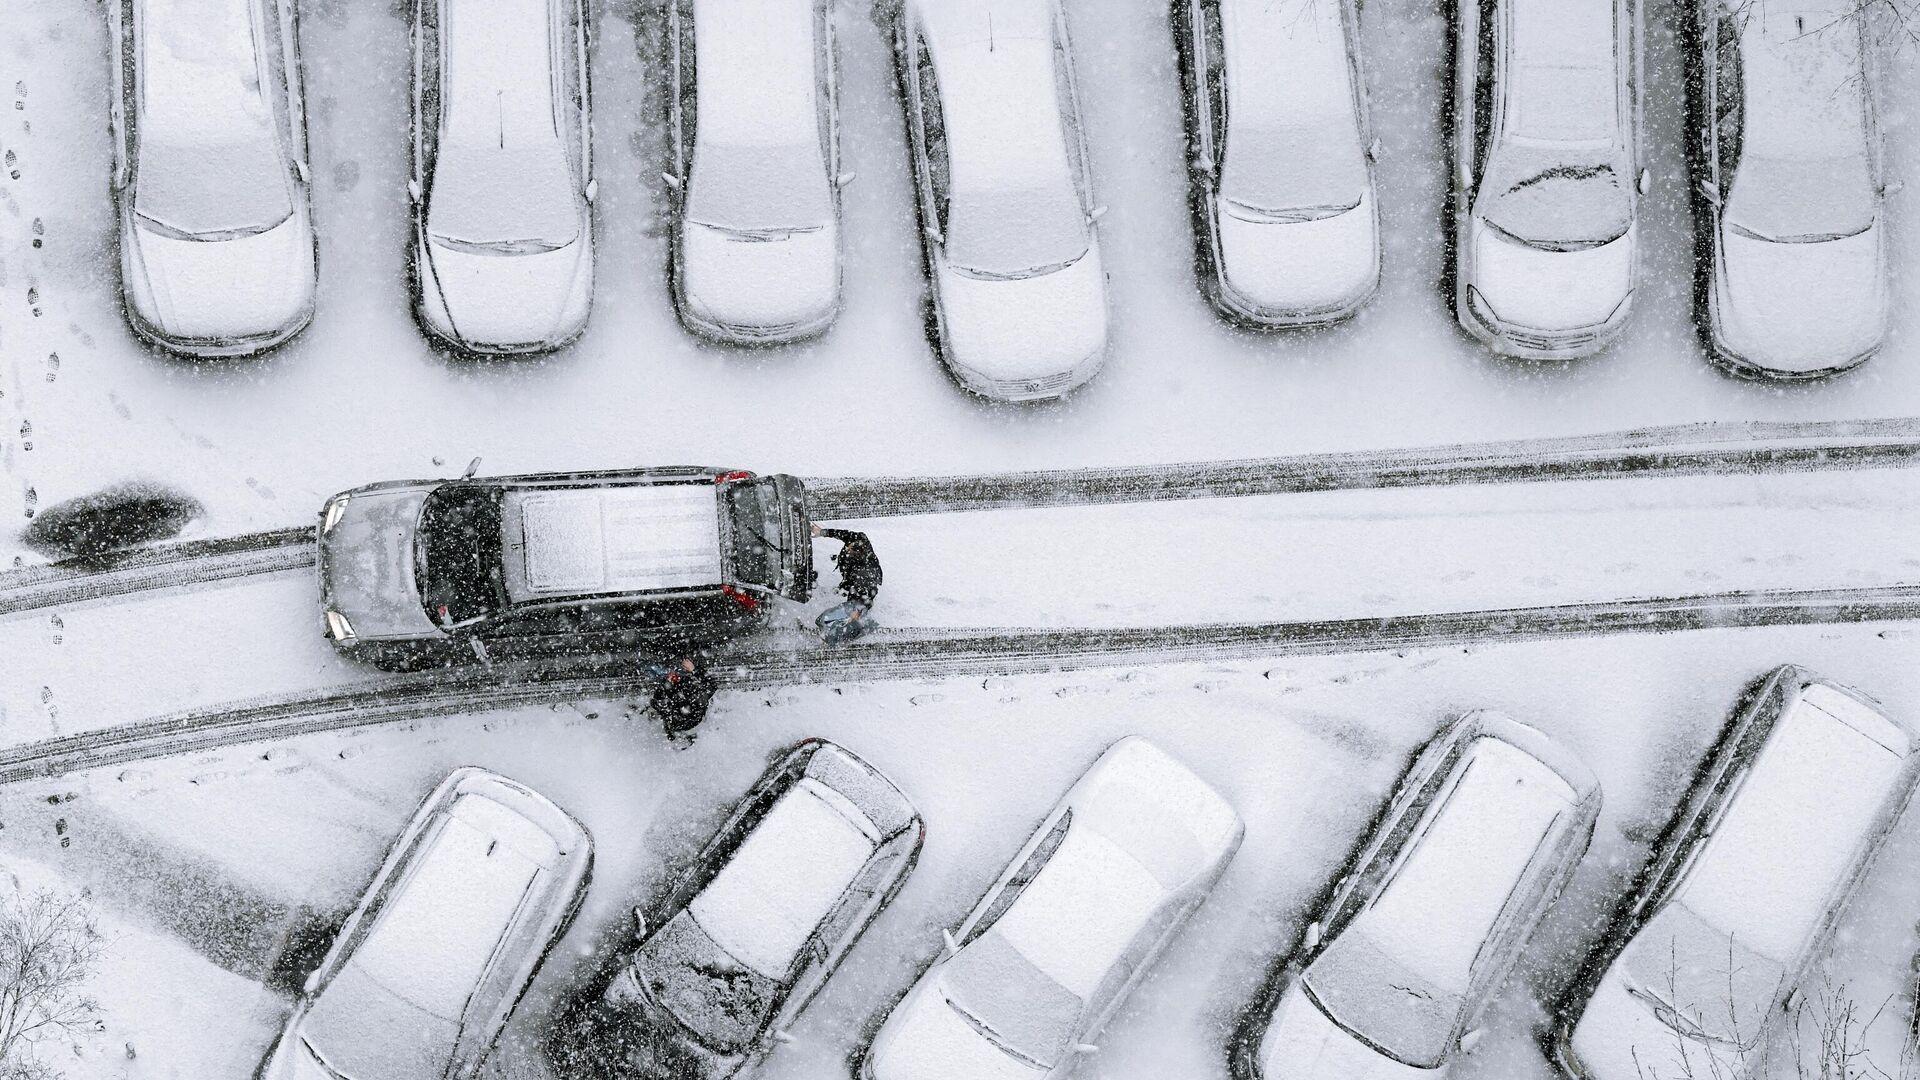 Автомобили, занесенные снегом, во дворе одного из жилых домов Москвы - РИА Новости, 1920, 06.02.2021